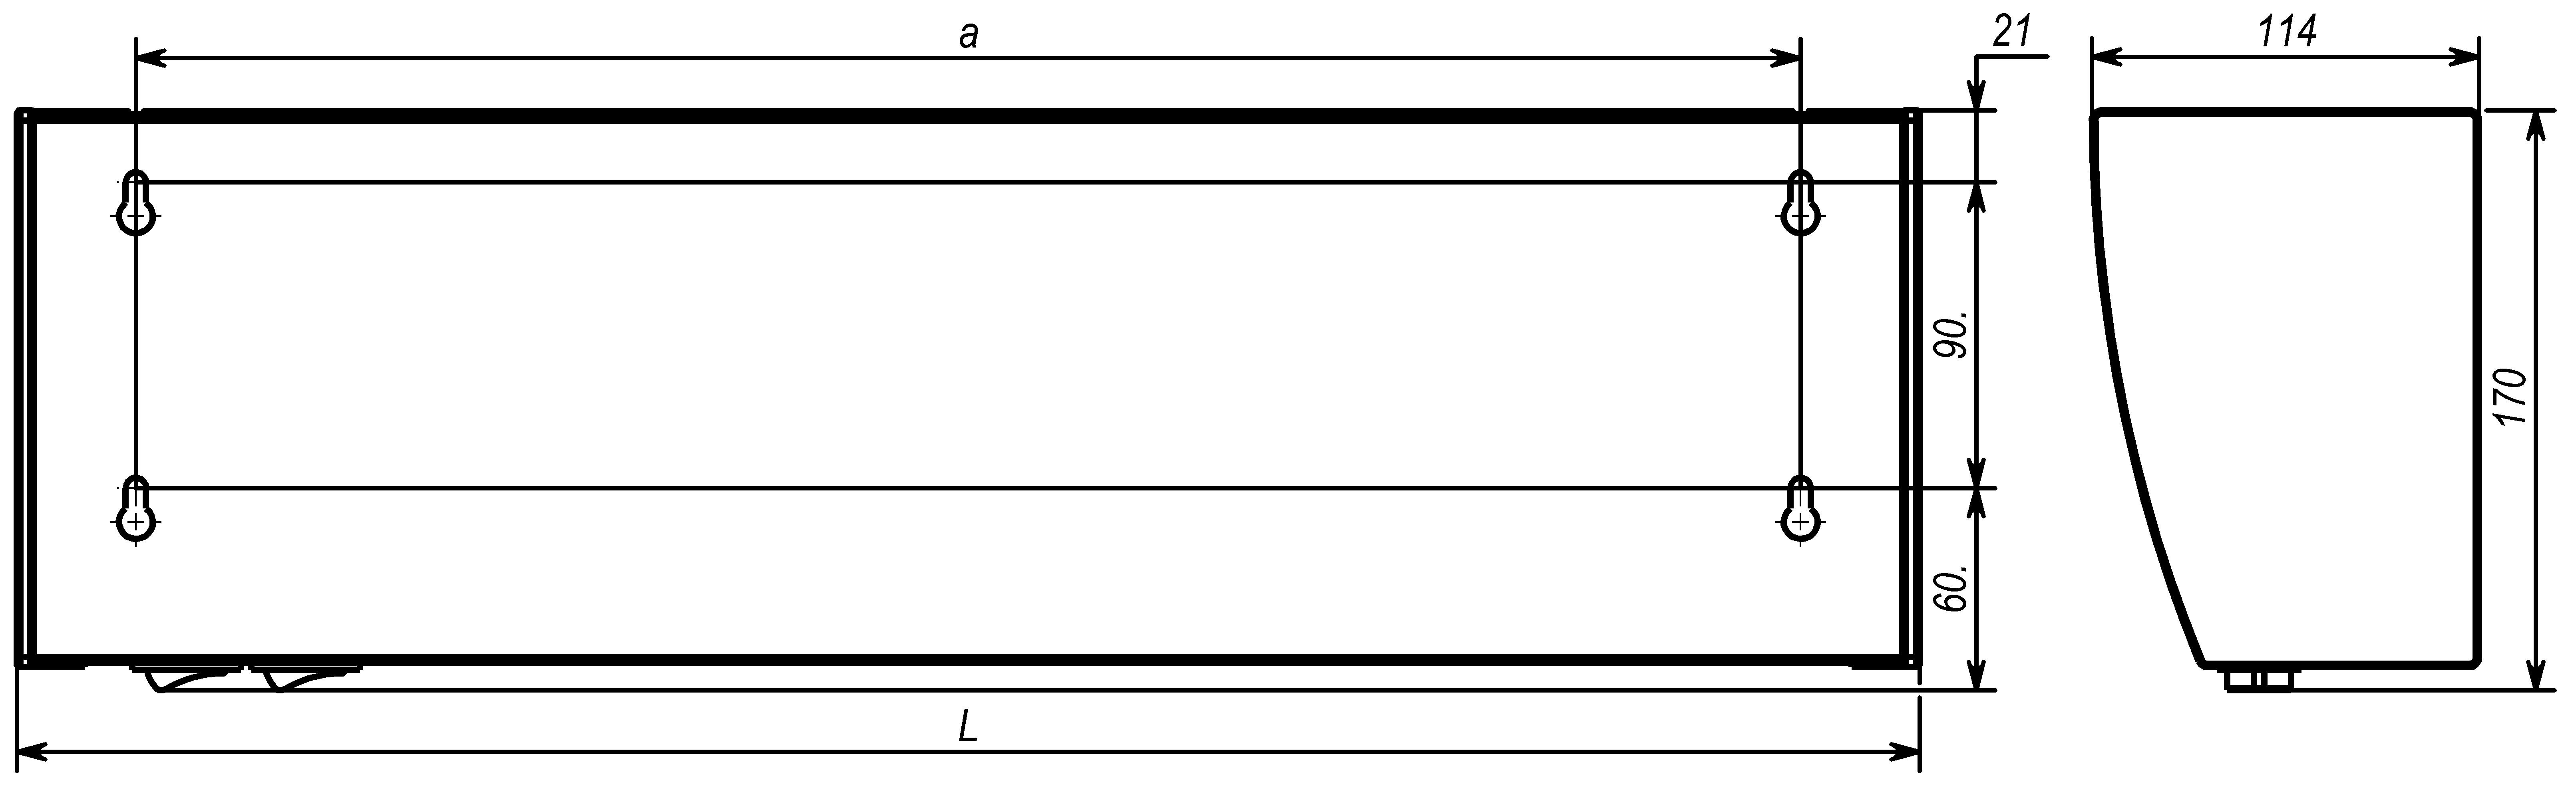 Габаритные и установочные размеры тепловой завесы Tropik Line А5